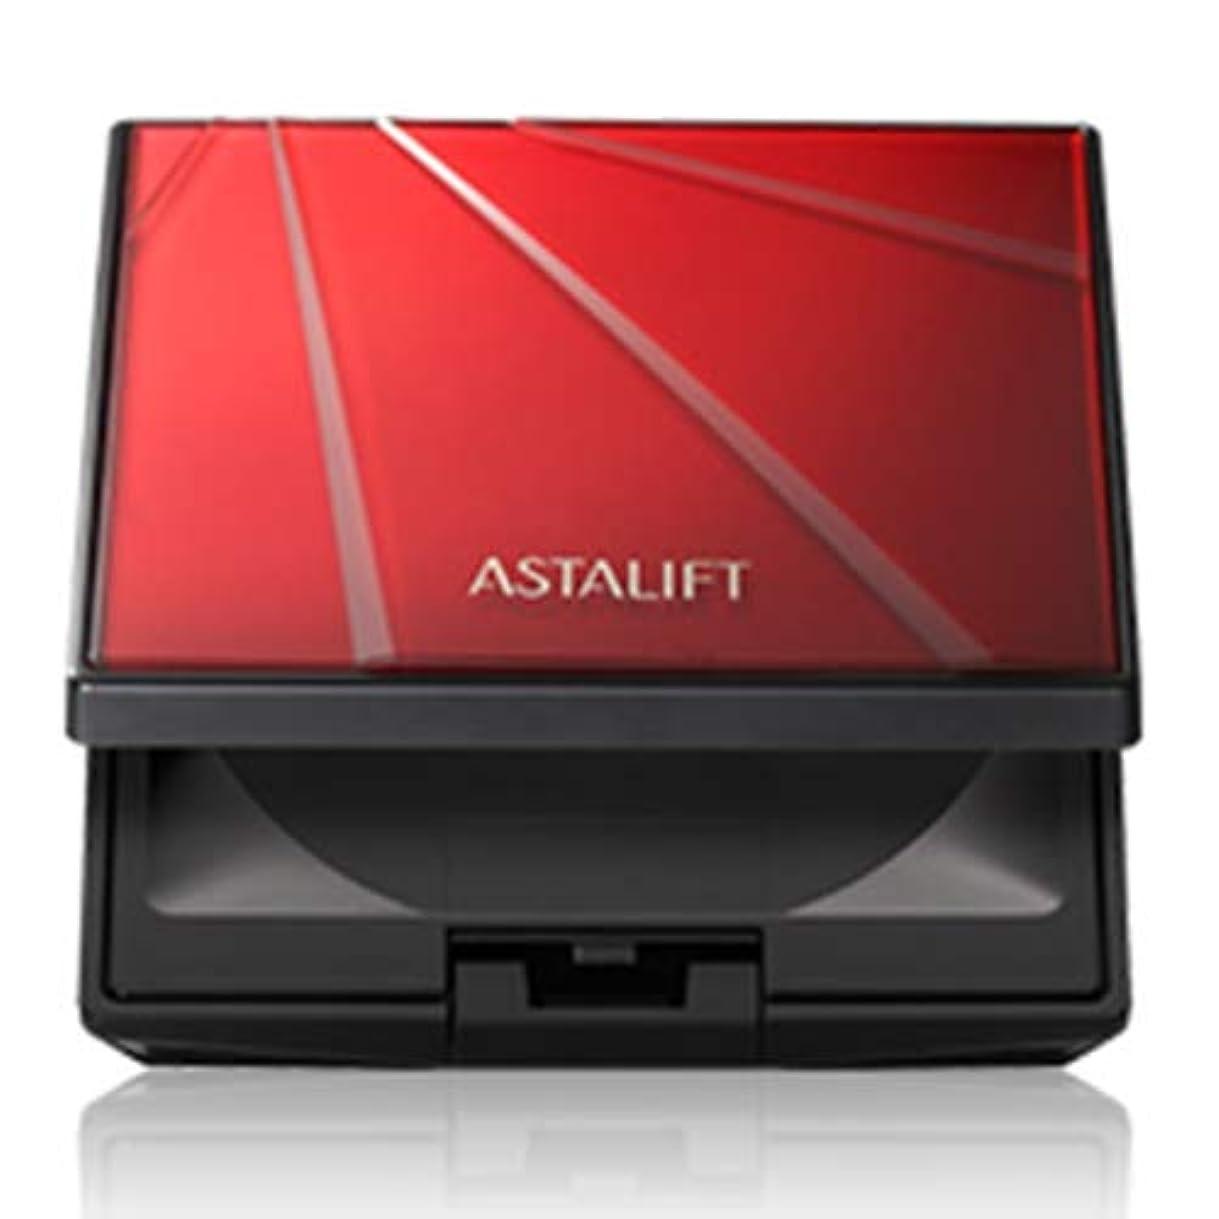 特性徹底的に決定的ASTALIFT(アスタリフト) ライティングパーフェクション プレストパウダー用ケース